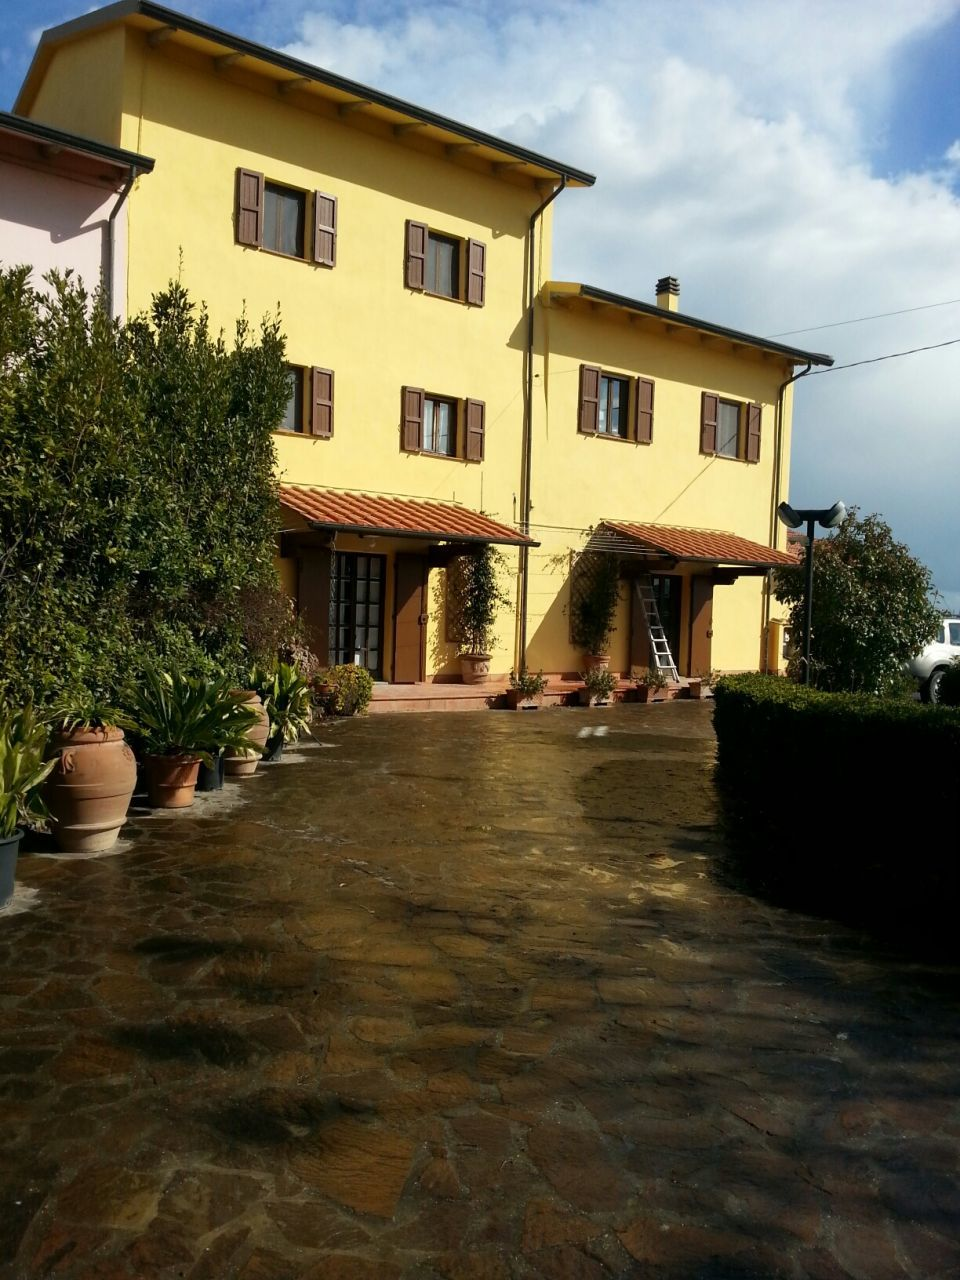 Rustico / Casale in vendita a Cascina, 9999 locali, prezzo € 850.000 | Cambio Casa.it